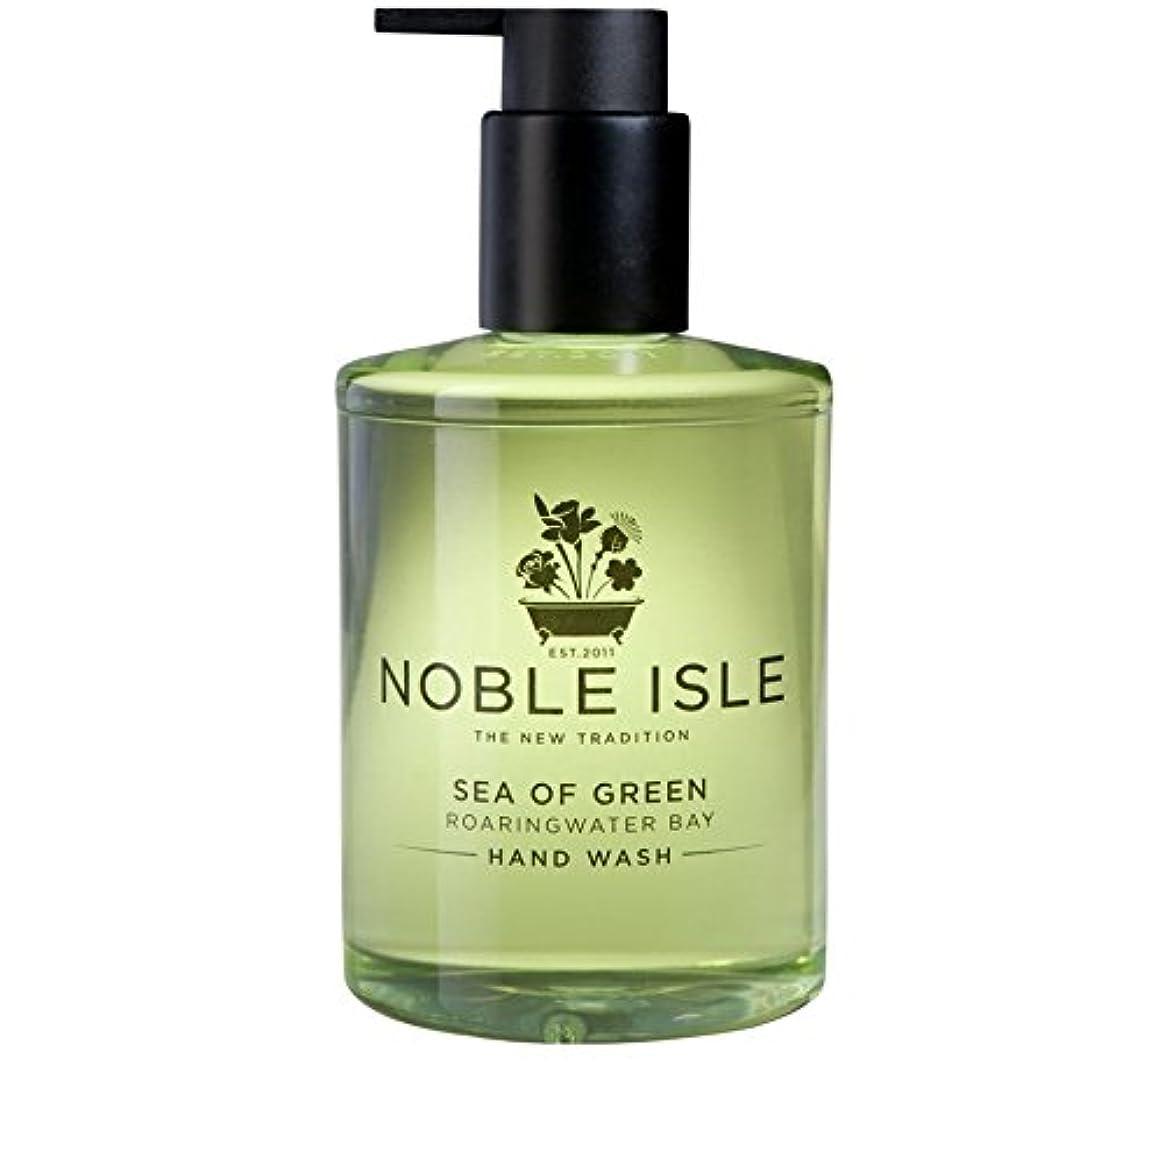 硬化するグロー煙突Noble Isle Sea of Green Roaringwater Bay Hand Wash 250ml - 緑ベイハンドウォッシュ250ミリリットルの高貴な島の海 [並行輸入品]